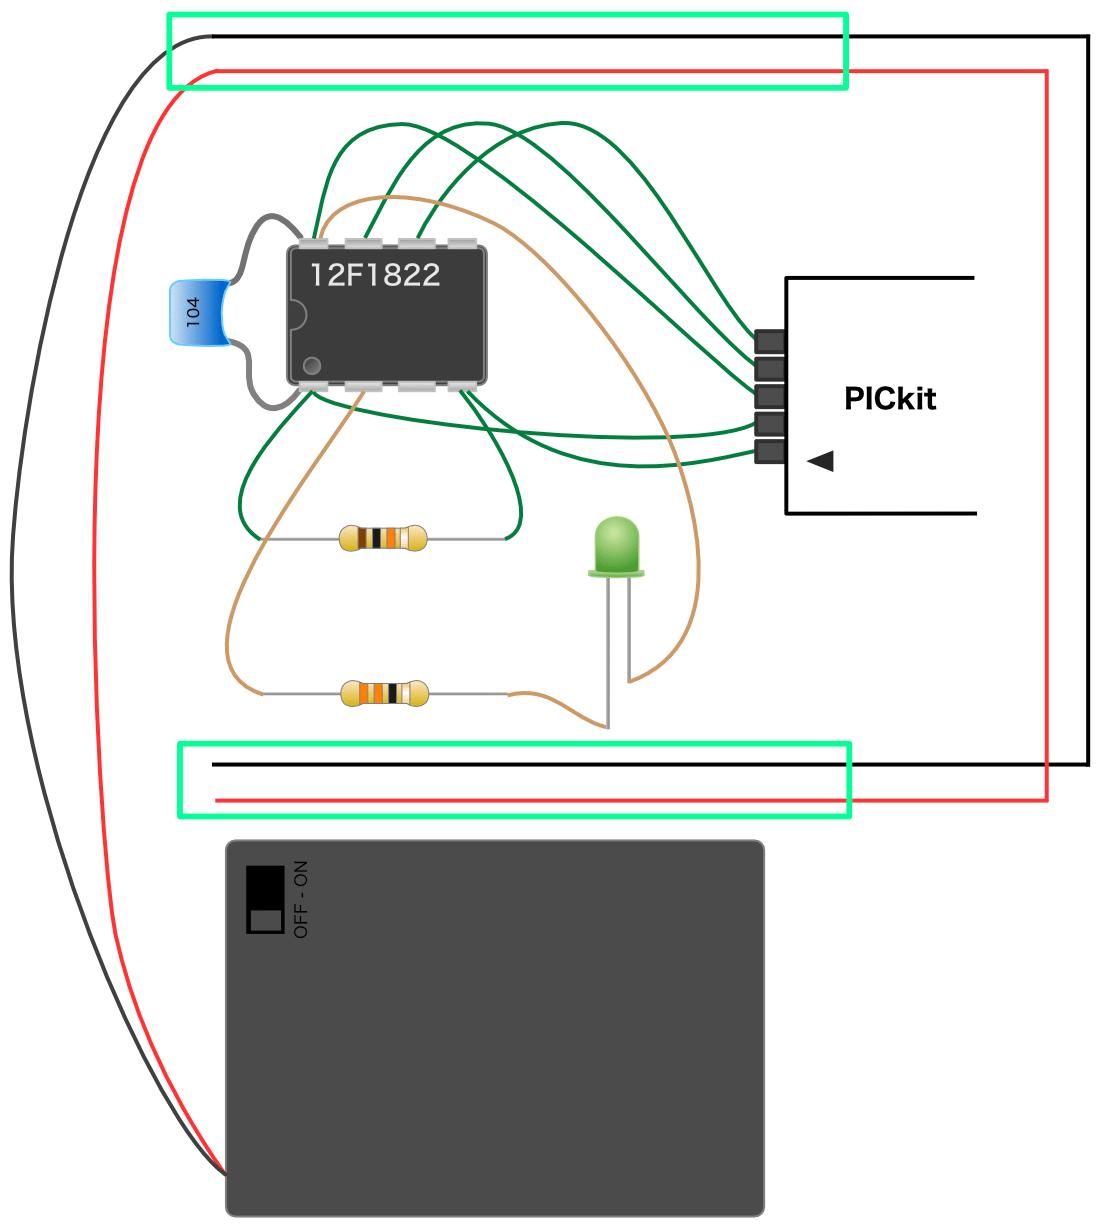 実体配線図の電源ライン